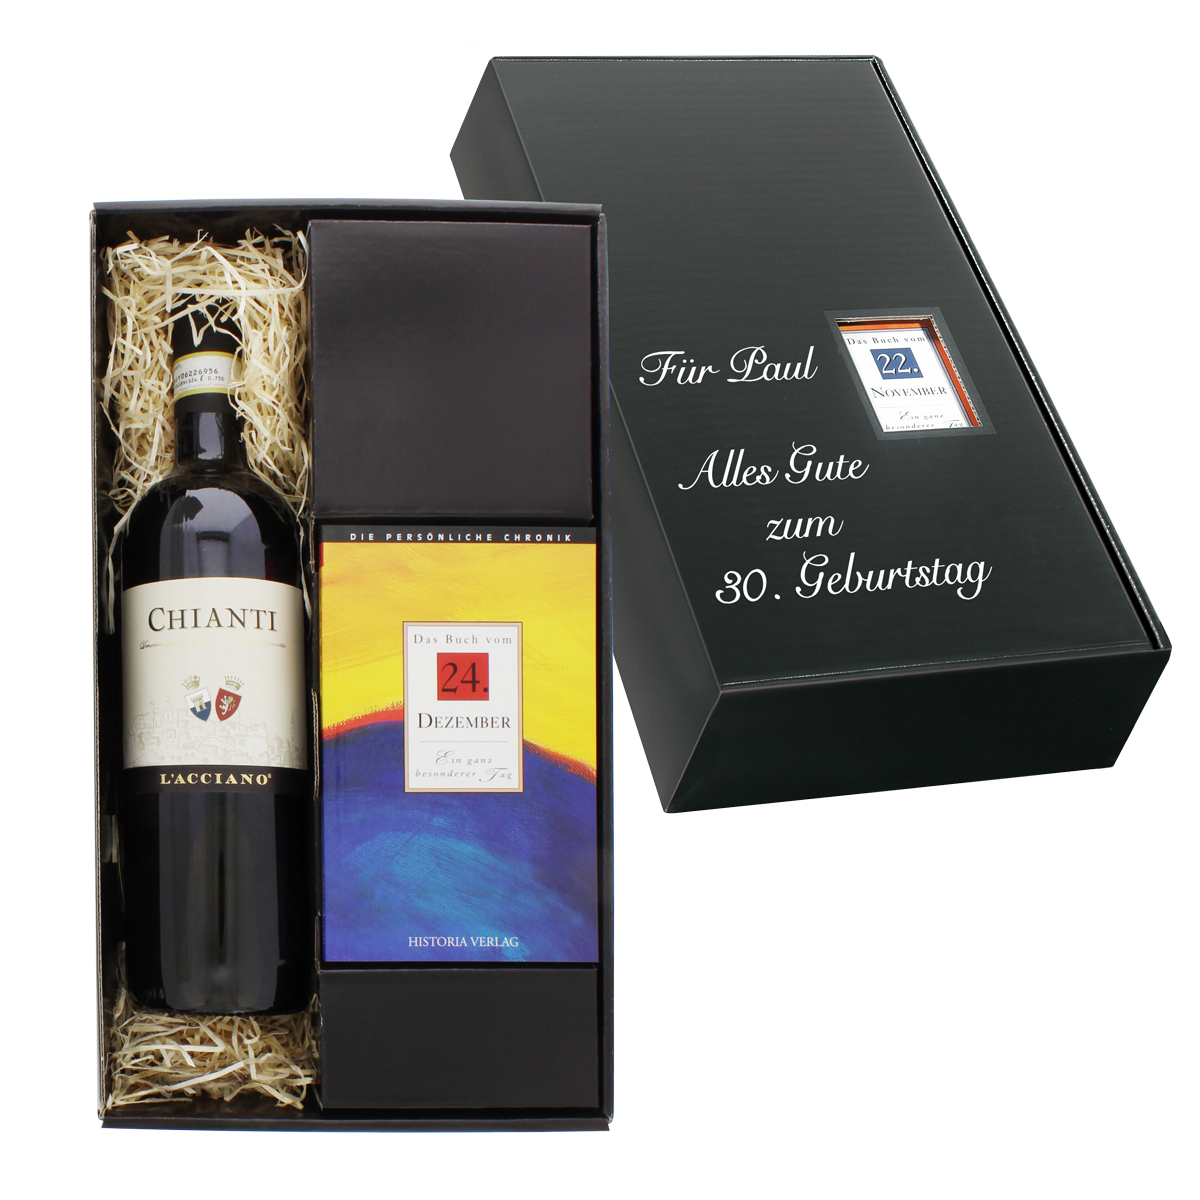 Italien-Set: Tageschronik vom 10. Dezember & Chianti-Wein